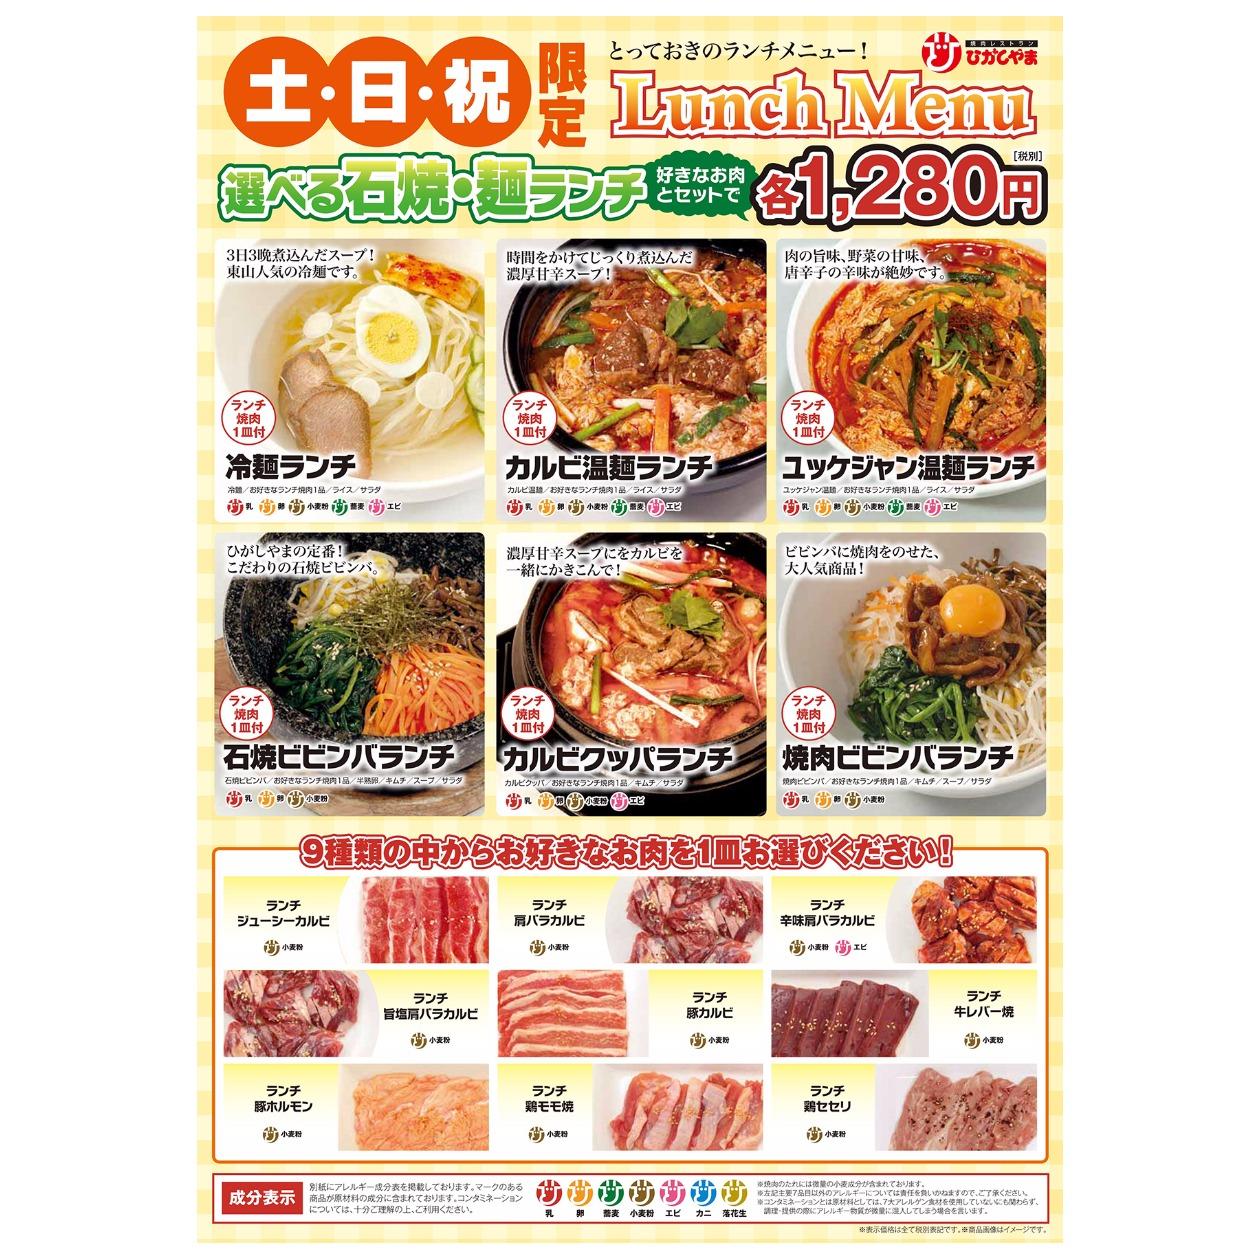 六丁の目店【土日祝限定ランチ】